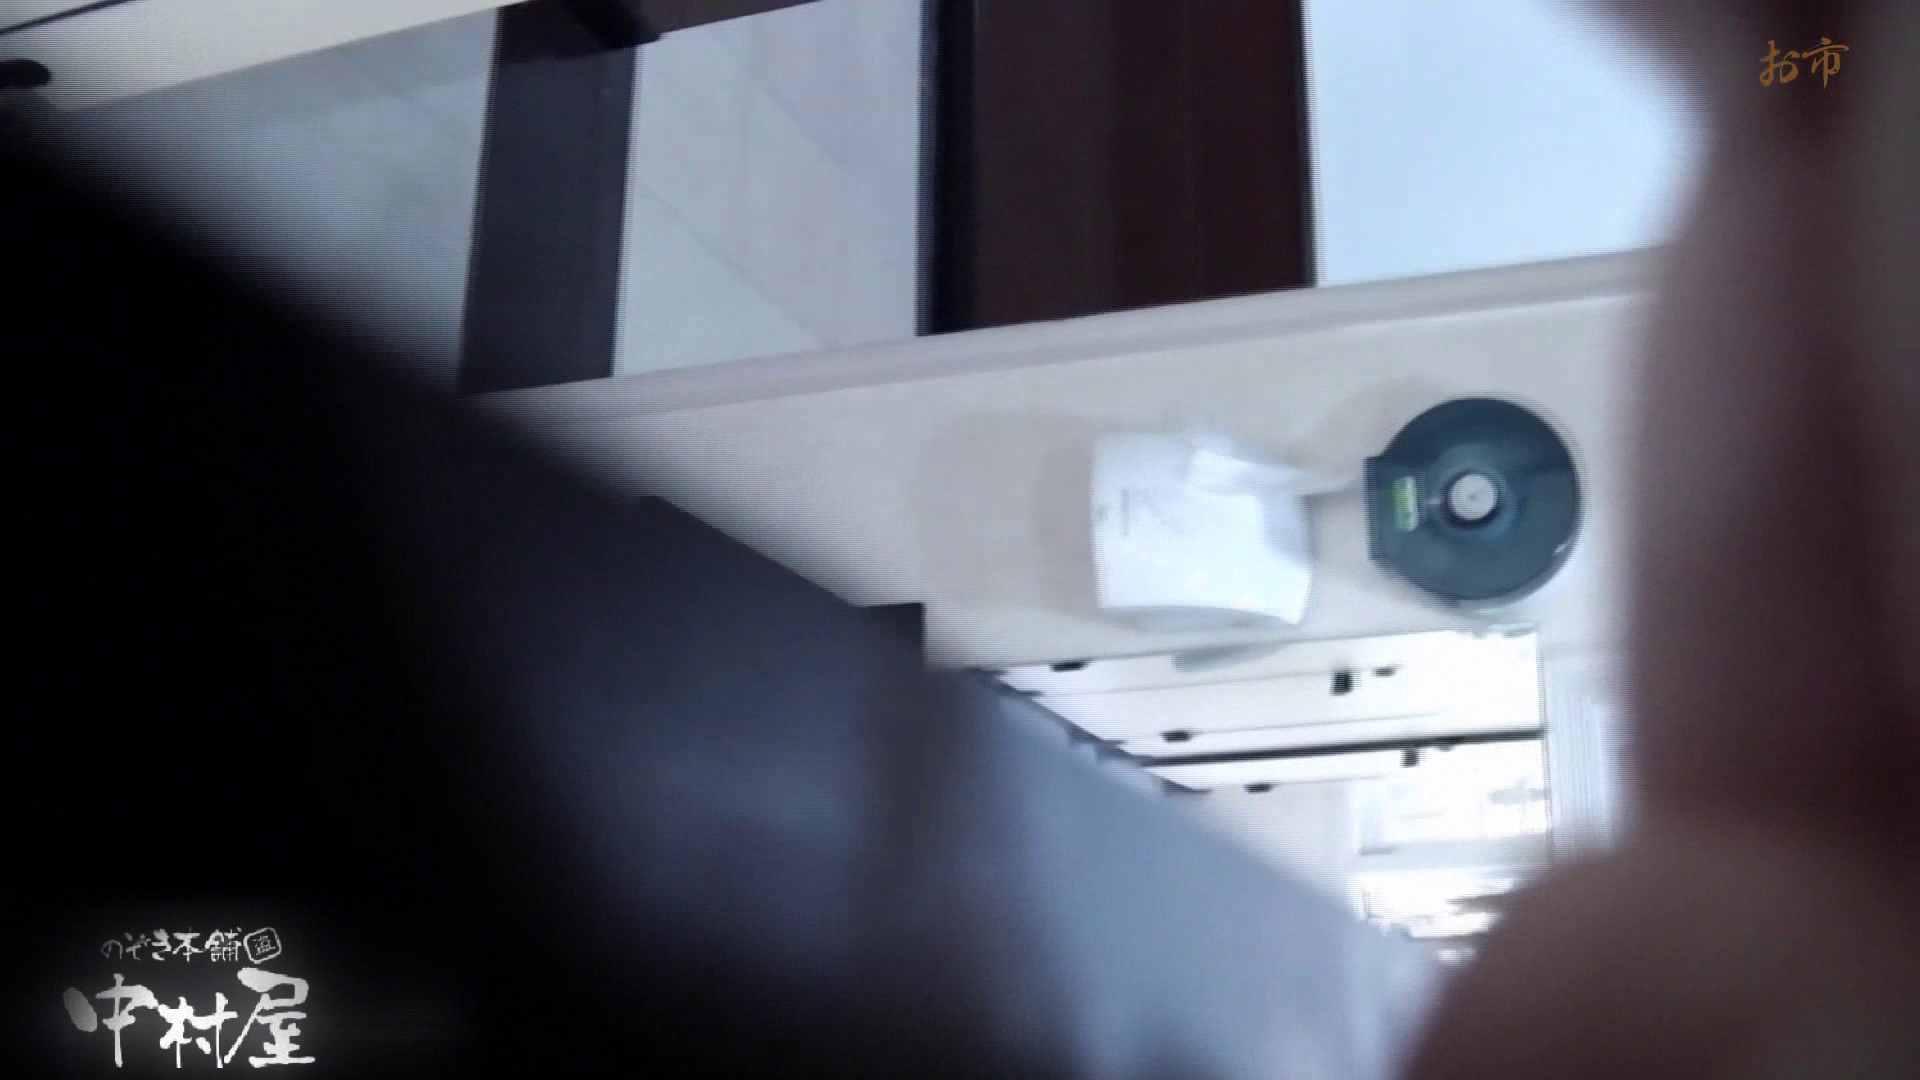 お市さんの「お尻丸出しジャンボリー」No.17 黒人 濡れ場動画紹介 108枚